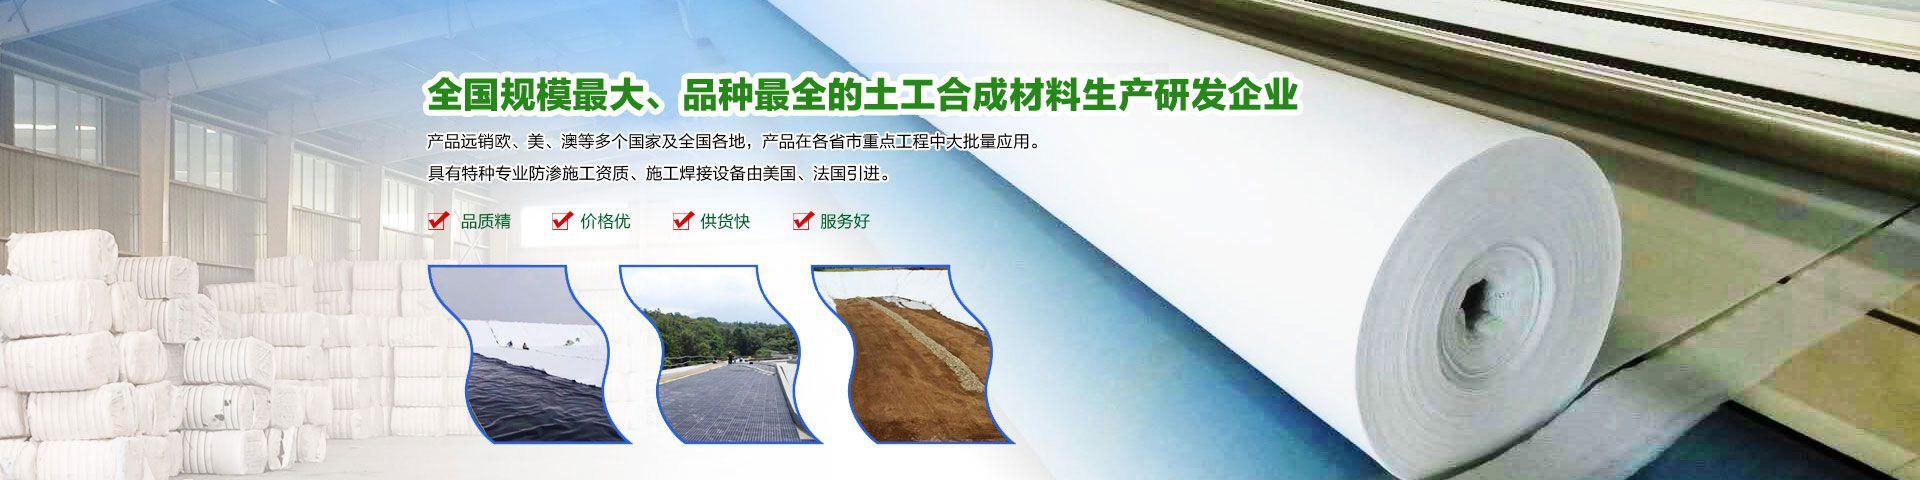 山东鑫宇土工材料工程有限公司